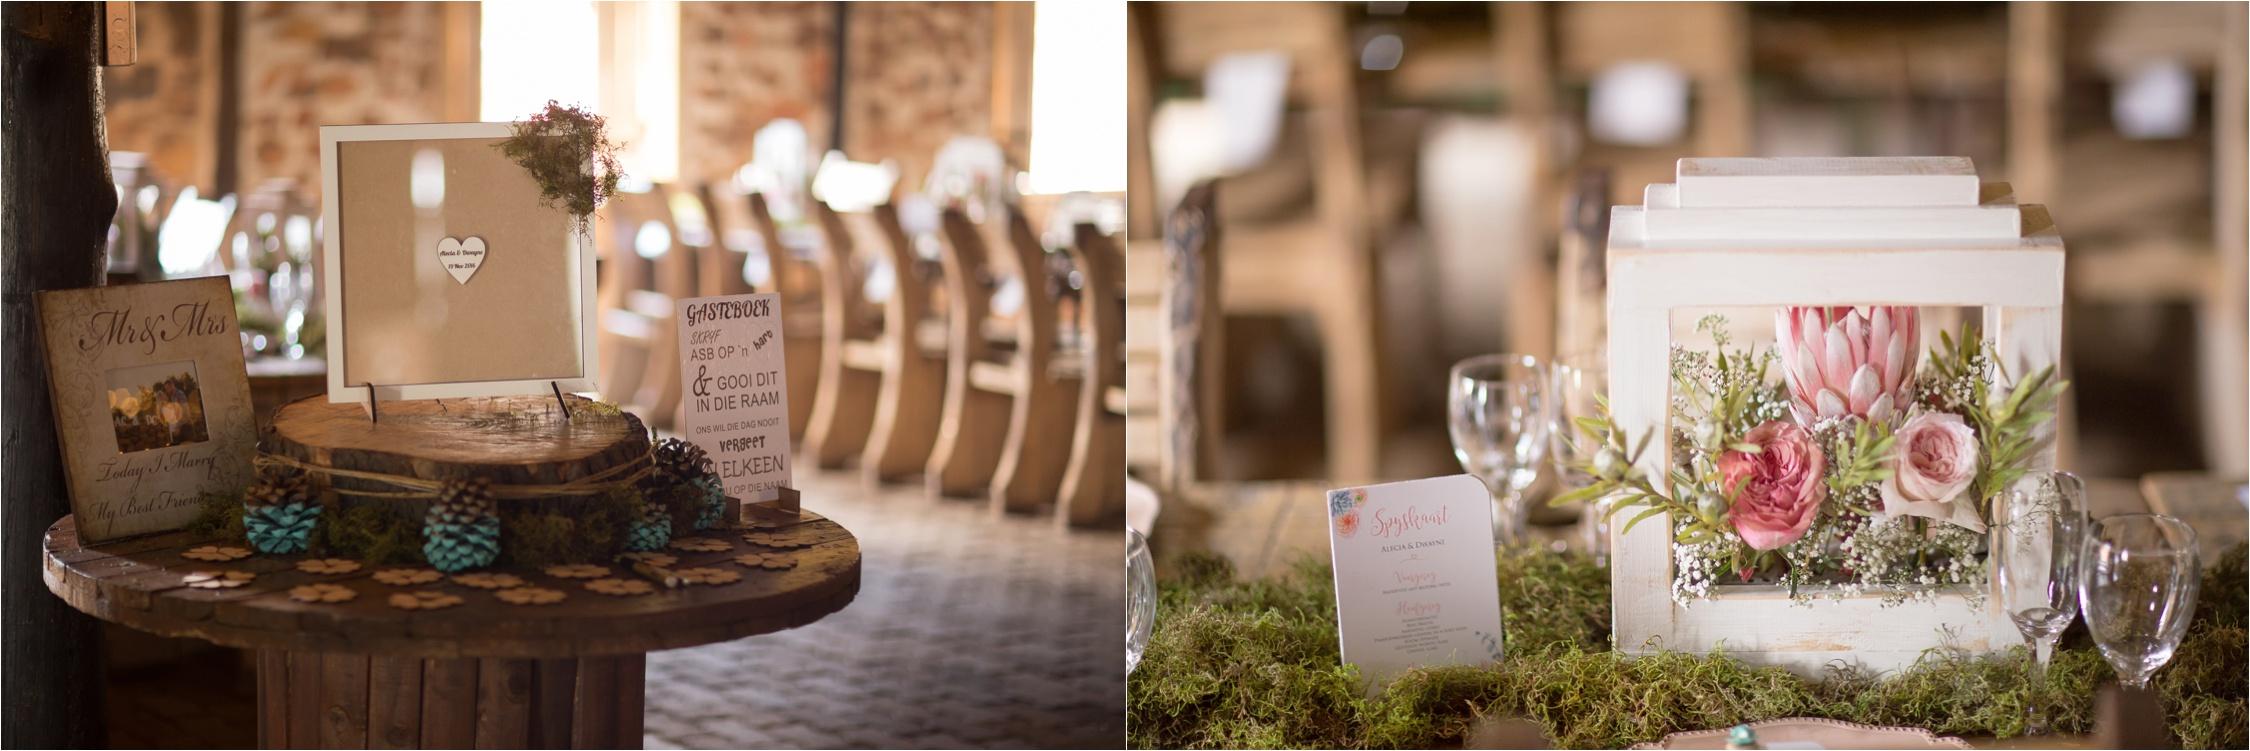 Die_Waenhuiskraal_wedding_Alicia_Dwayne_69